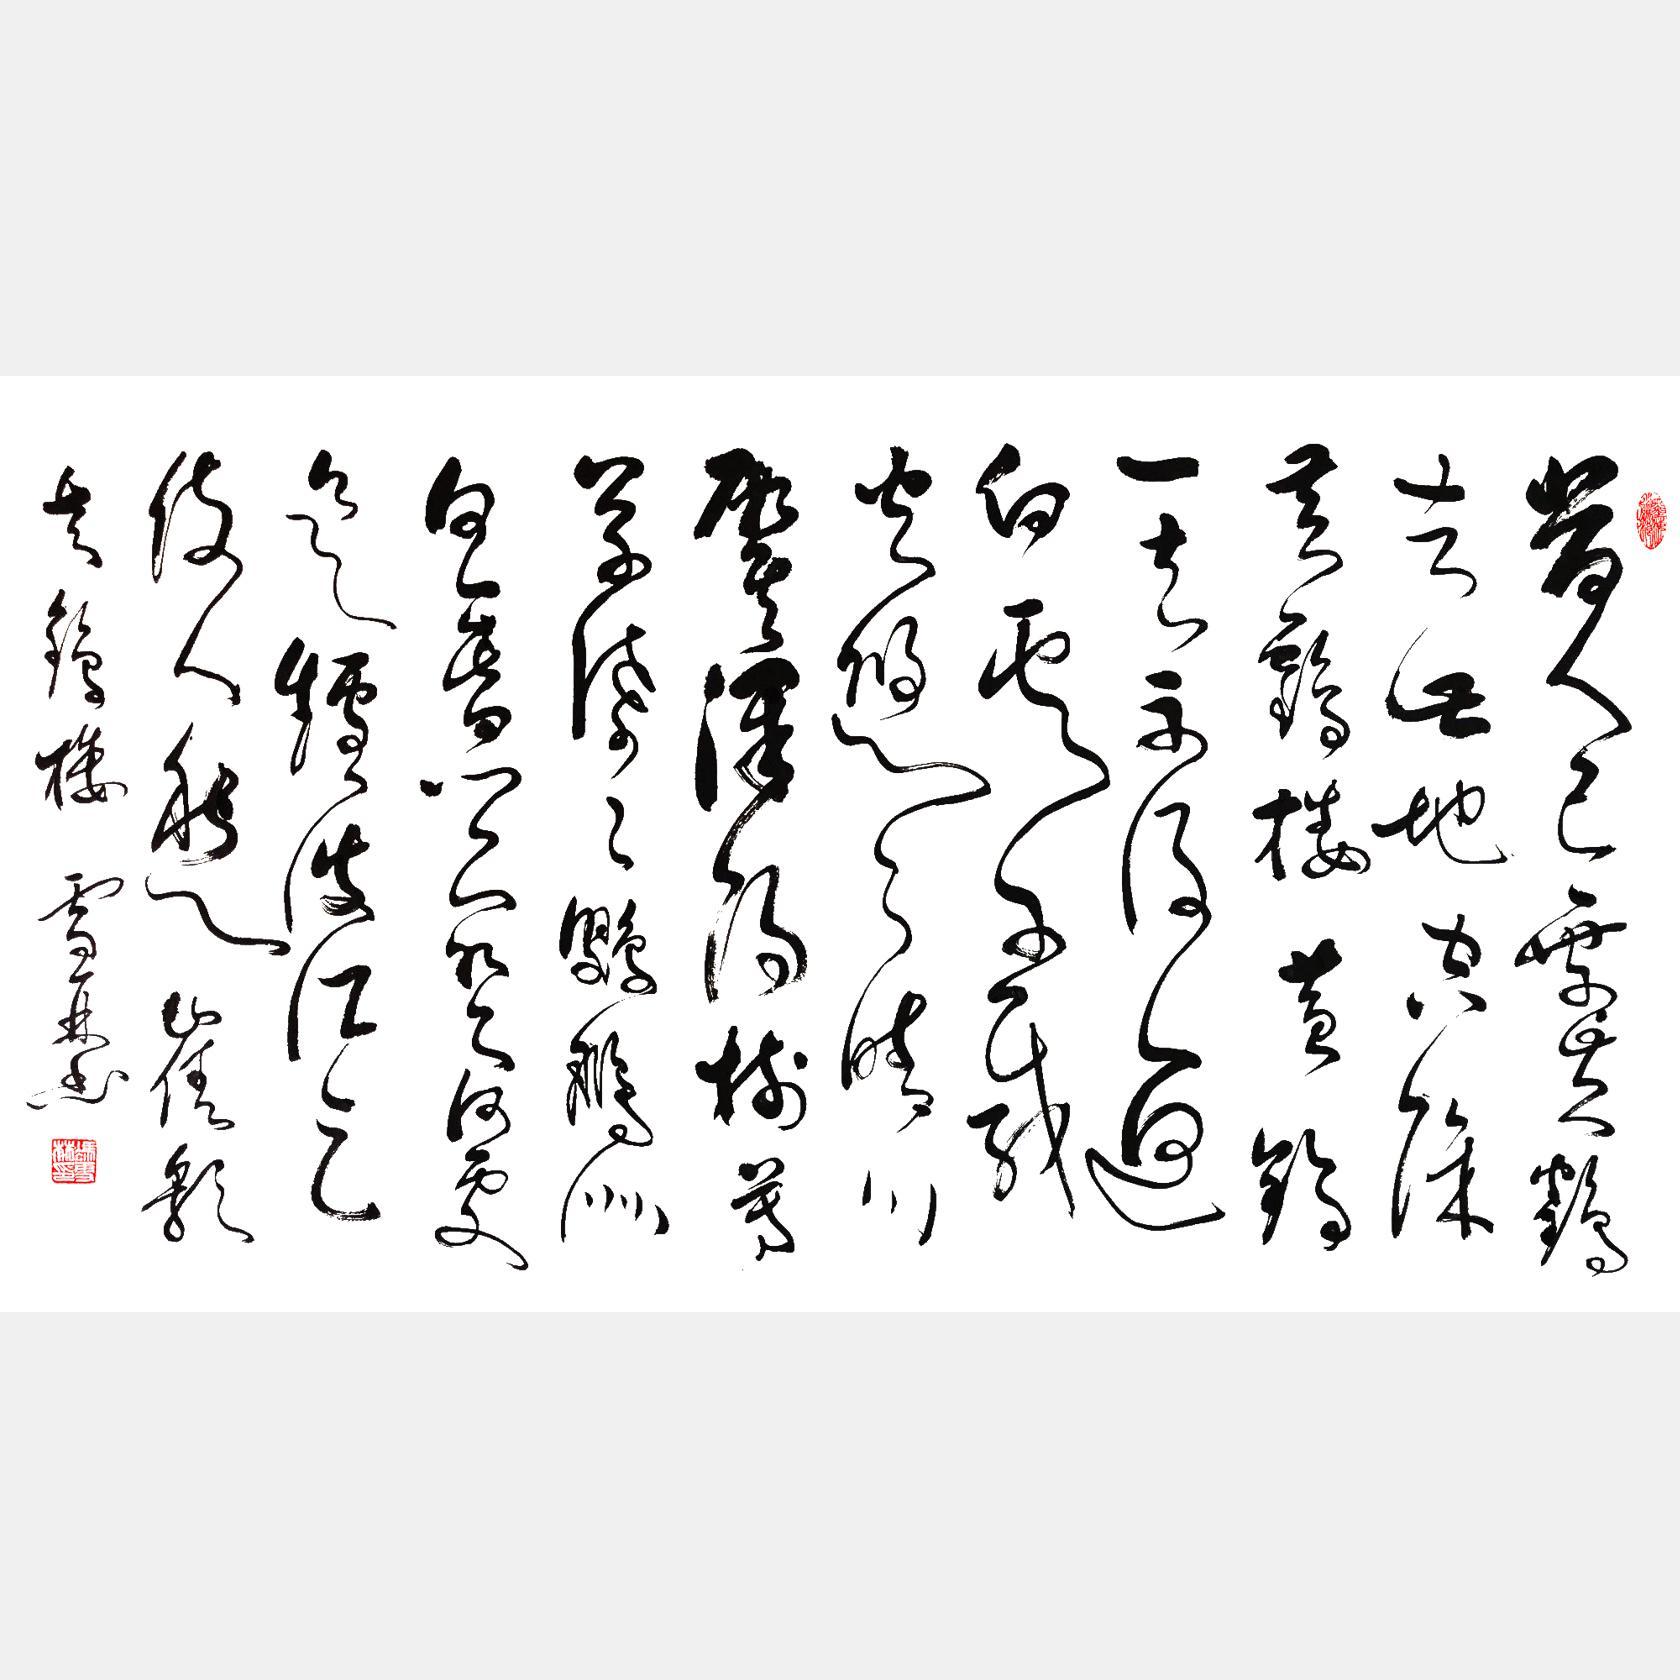 图片2:唐・崔颢《黄鹤楼》书法作品 黄鹤楼草书字画 唐人七言律诗第一